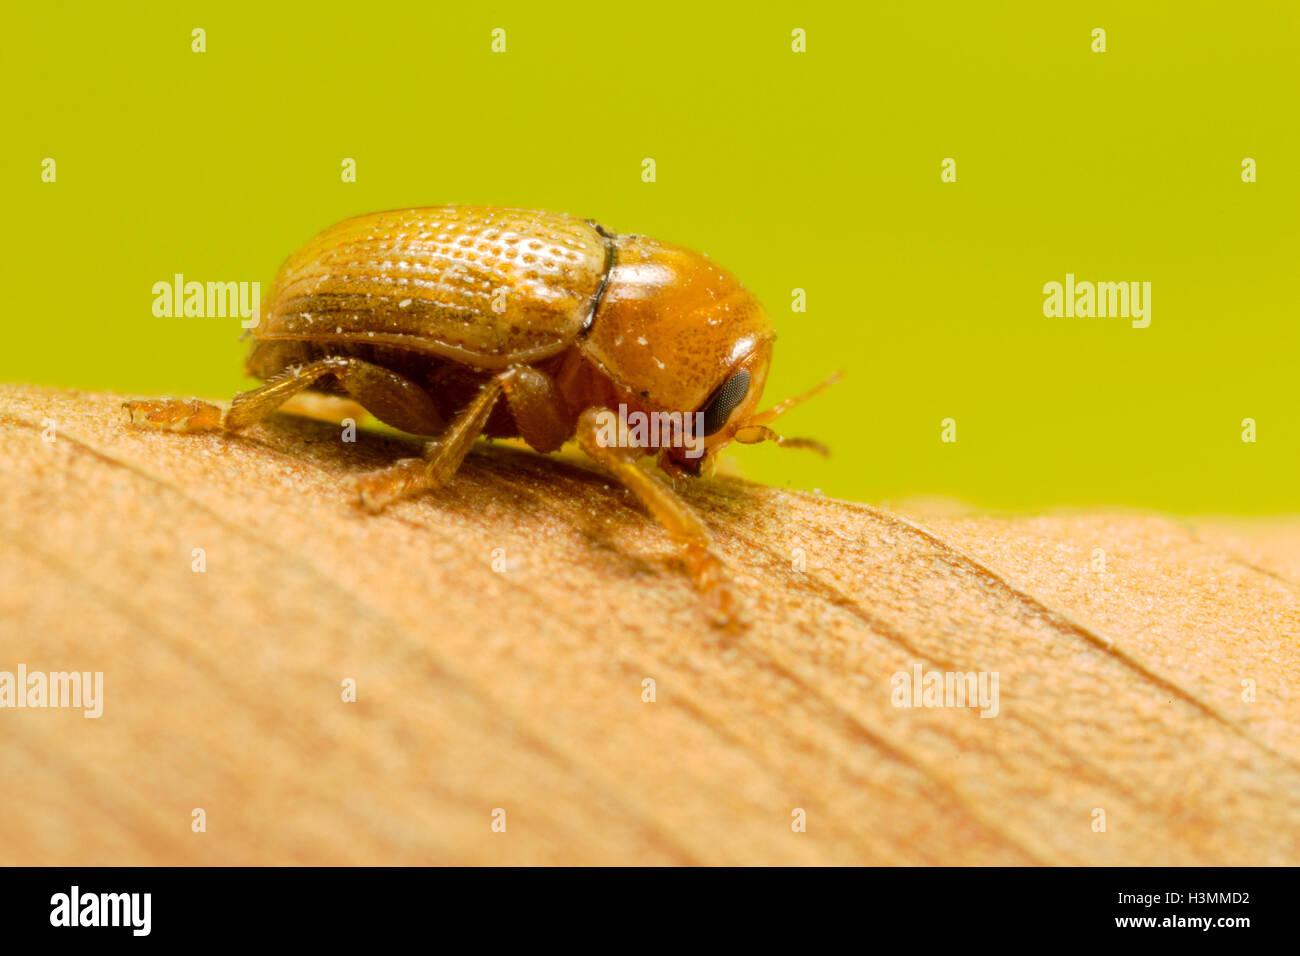 Petit insecte sur la feuille sèche Photo Stock